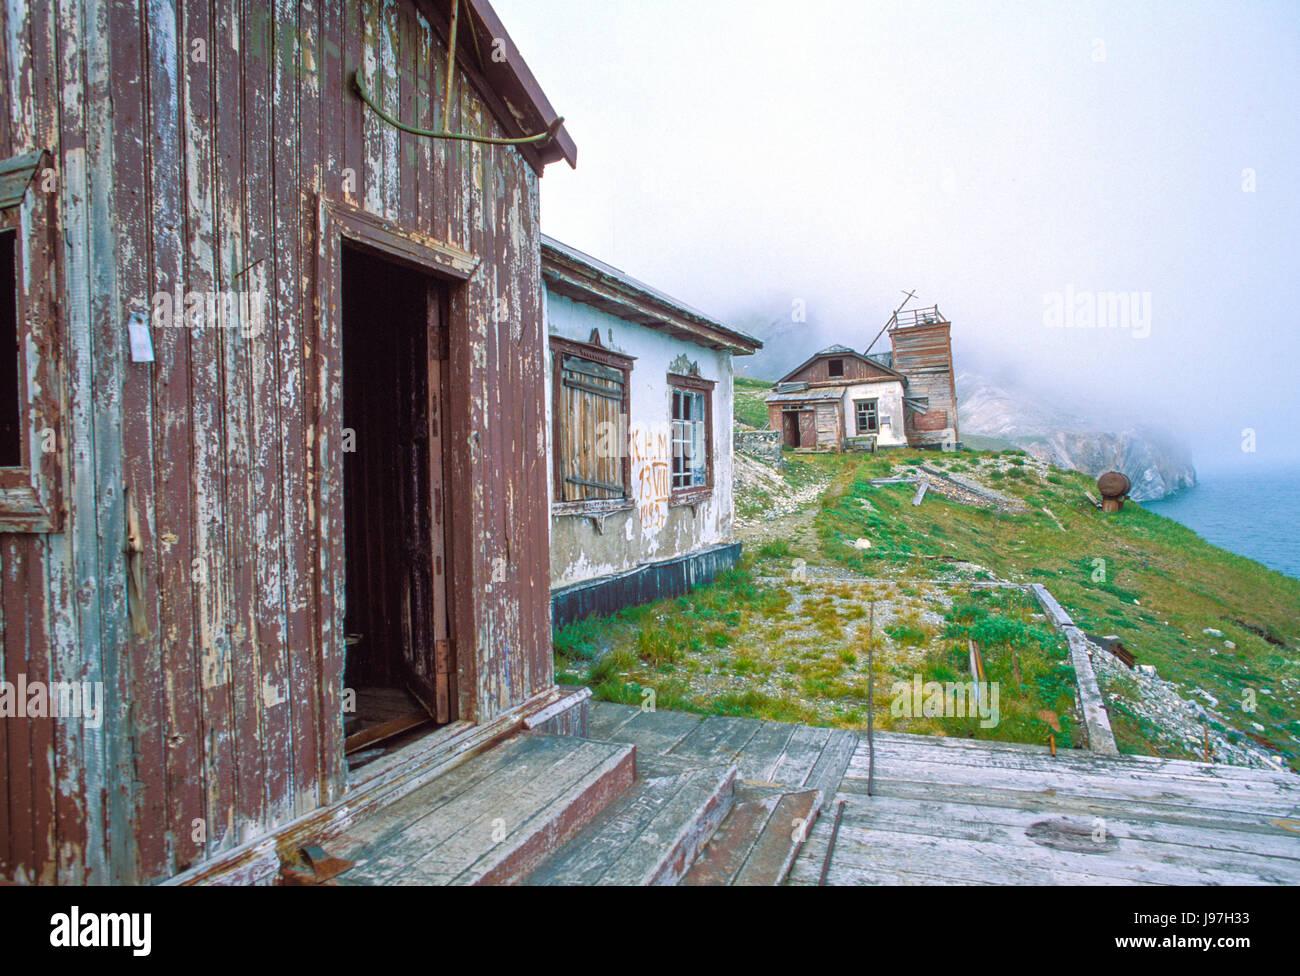 Ruinas en el Cabo Dezhnev, Lejano Oriente ruso, la más oriental de Eurasia. Imagen De Stock